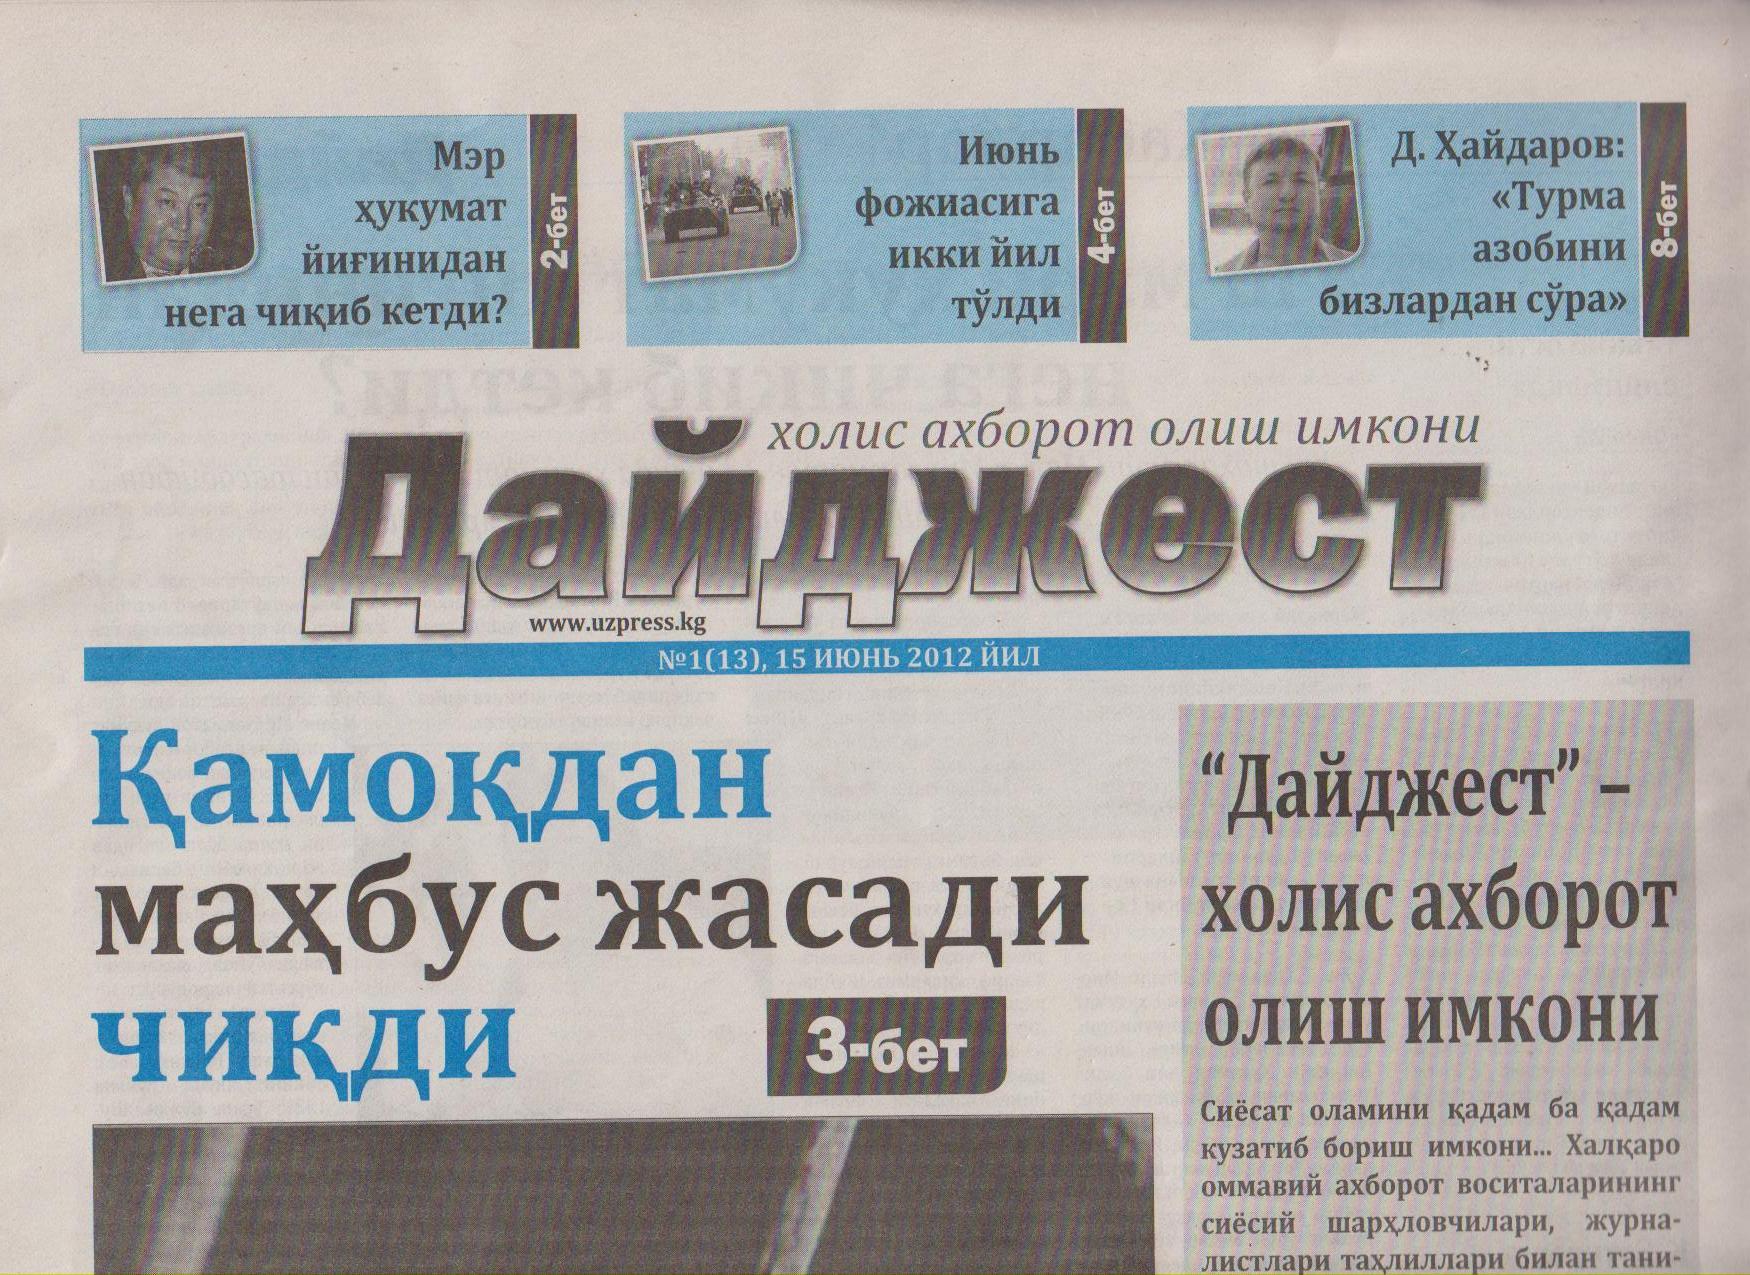 На юге Кыргызстана стала вновь издаваться газета «Дайджест»